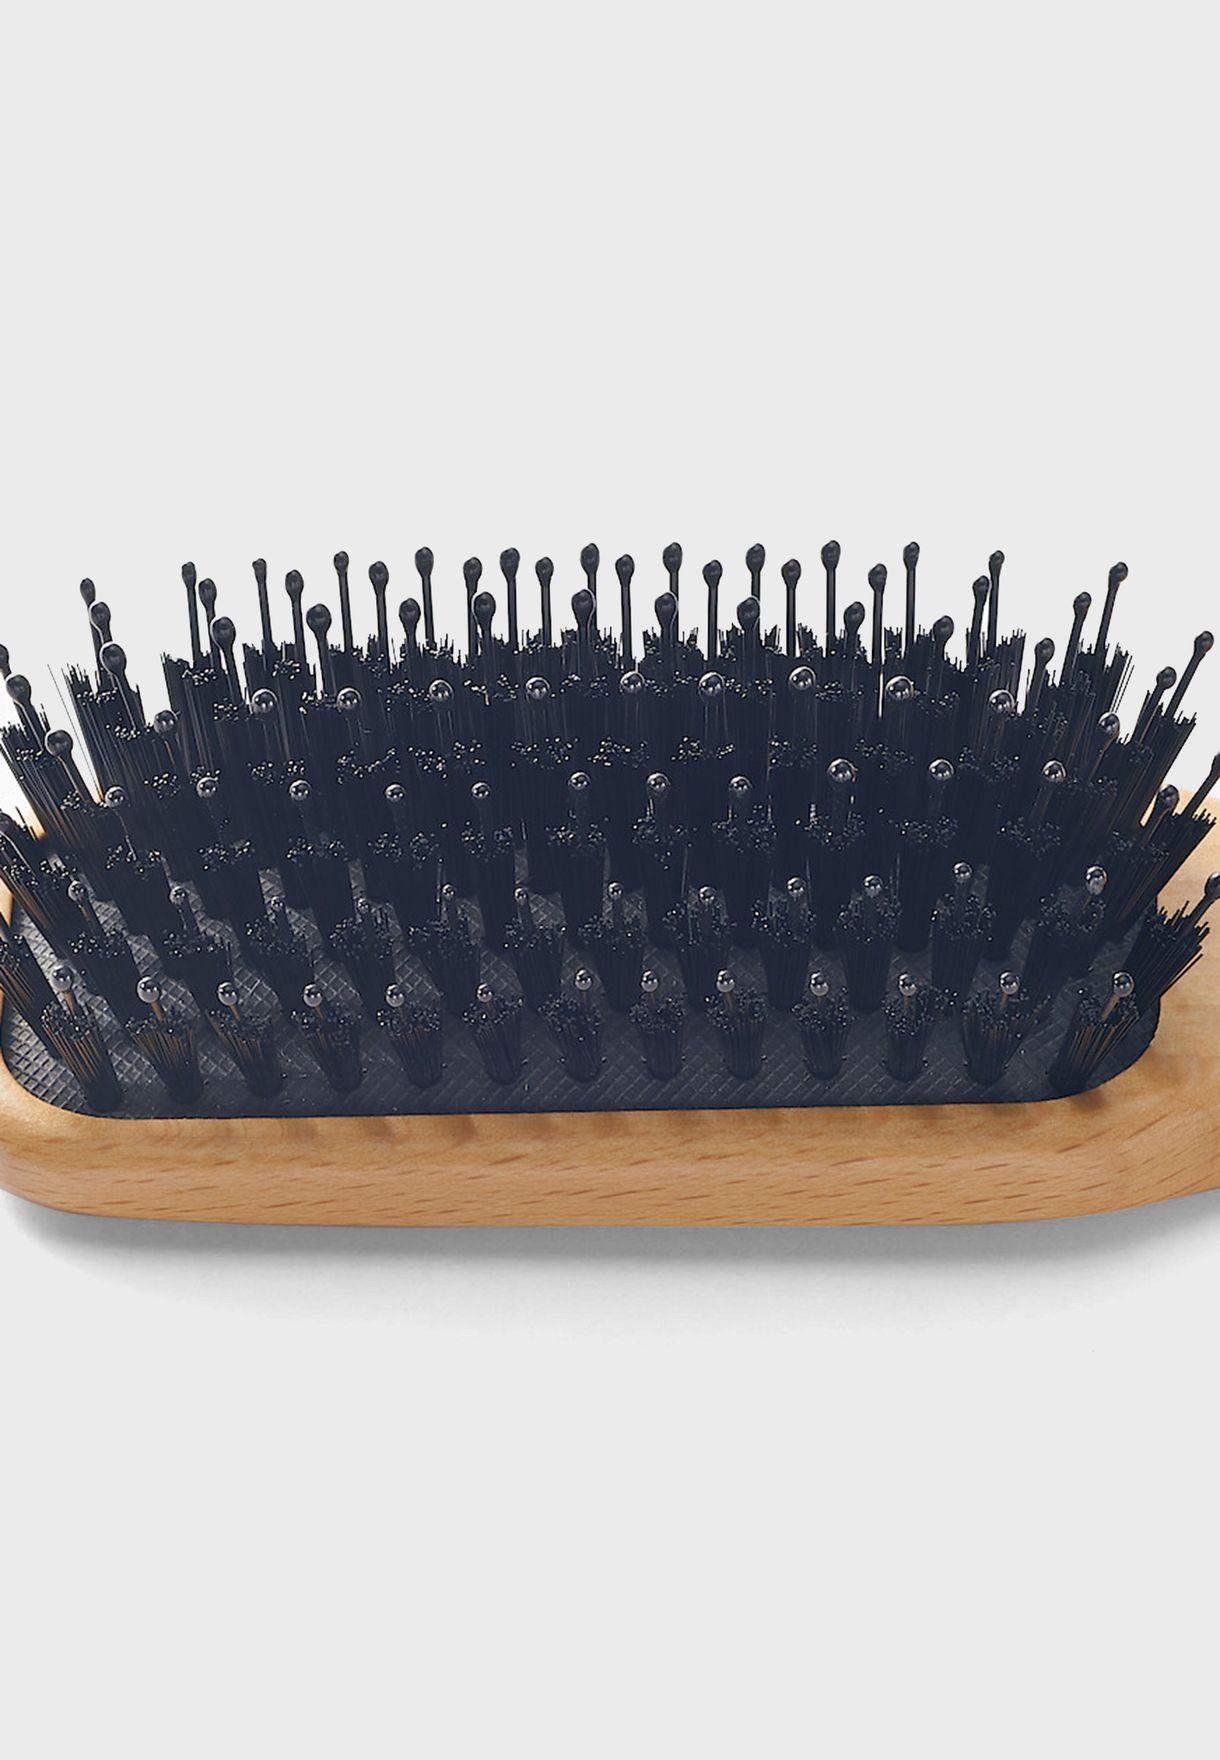 فرشاة شعر من خشب الزان - شعيرات متفاوتة